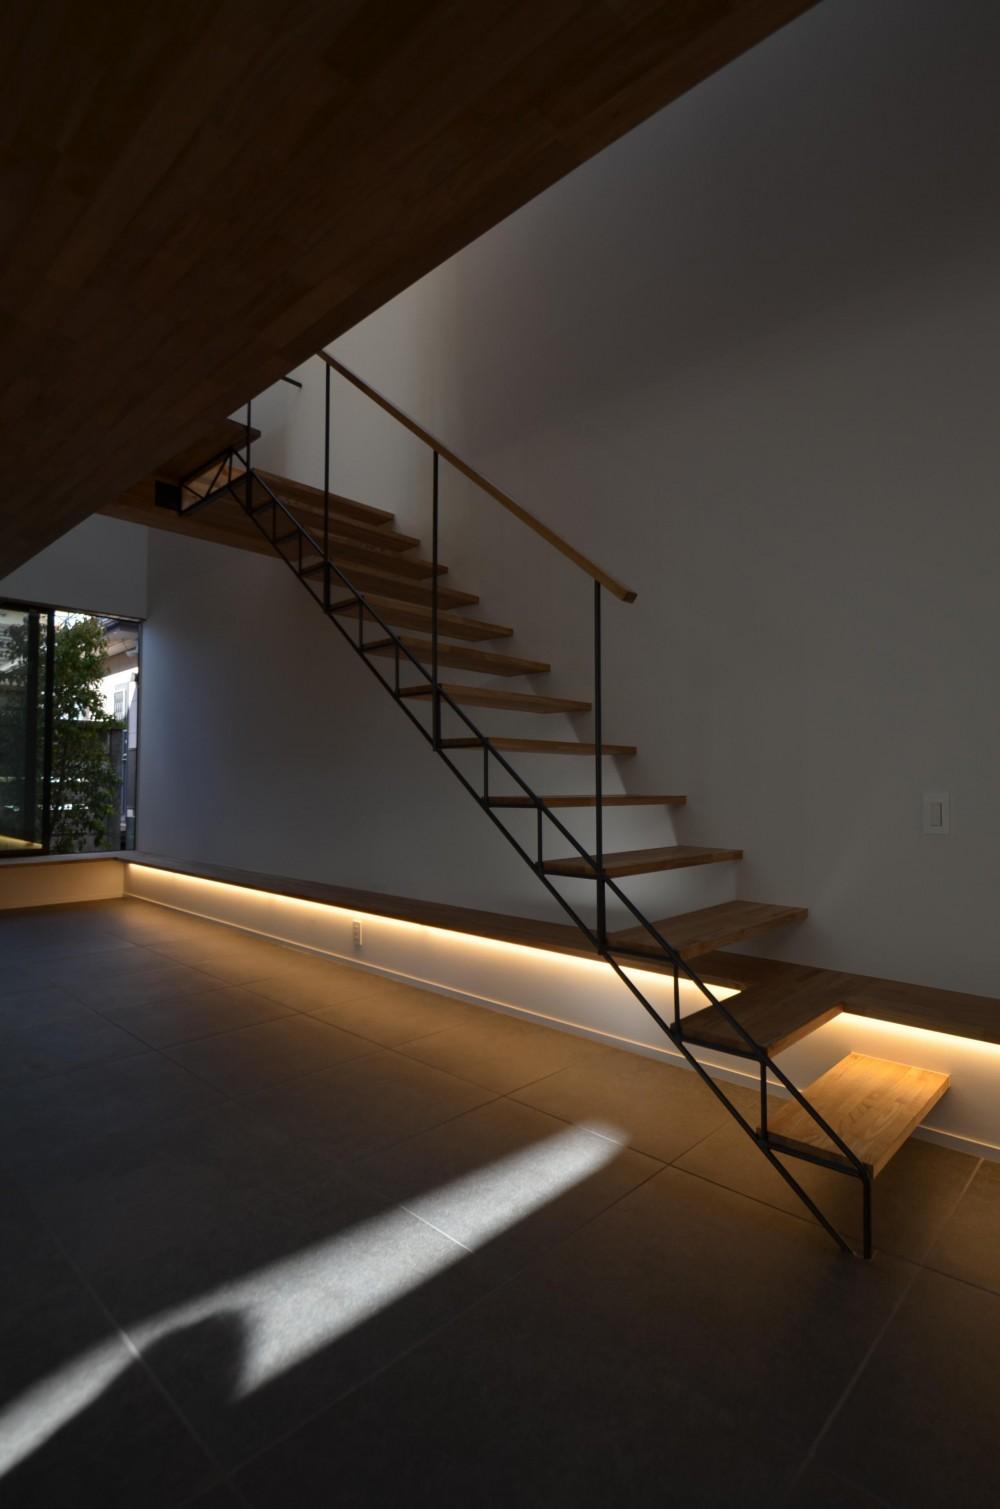 本天沼S邸-領域を明確にし、内外の連続性をつくりだす石壁- (鉄骨のトラス階段)